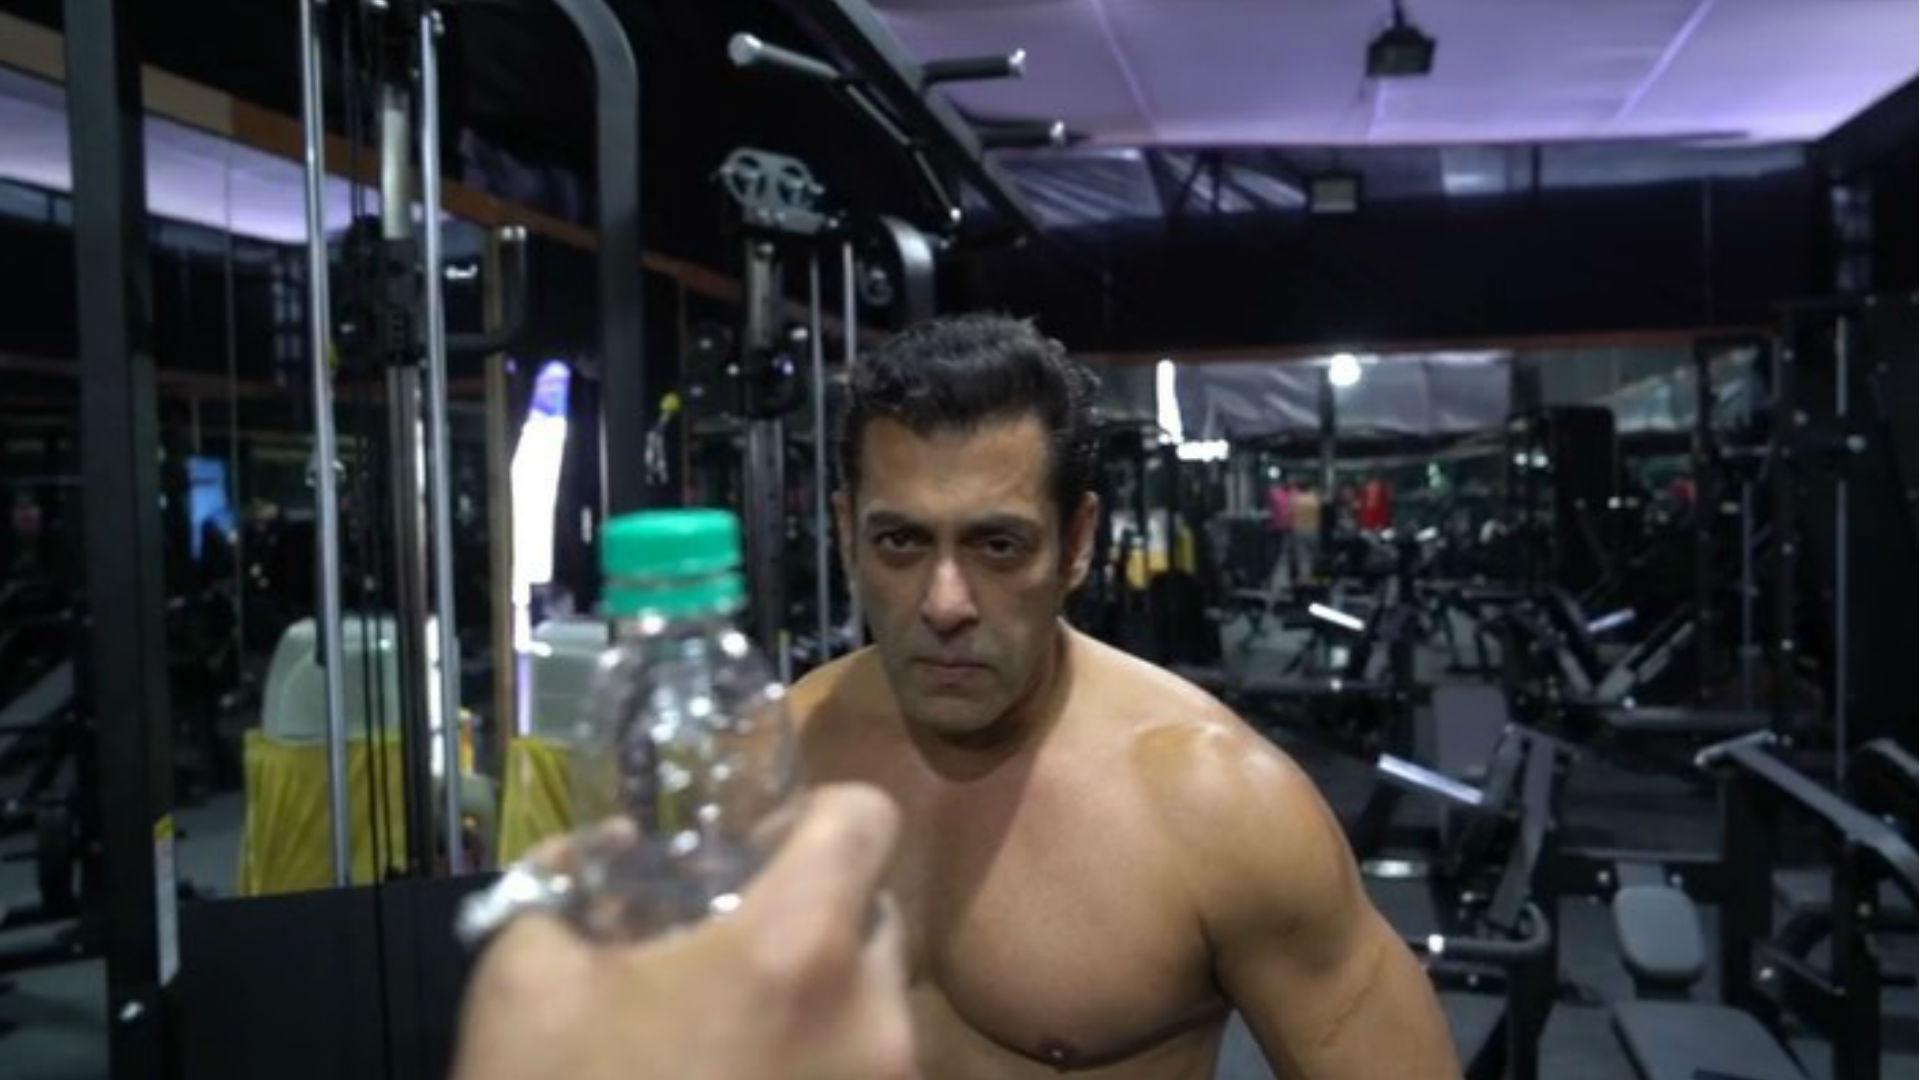 #BottleCapChallenge को सलमान खान ने अनोखे अंदाज में किया पूरा, दुनिया को दिया ये मैसेज